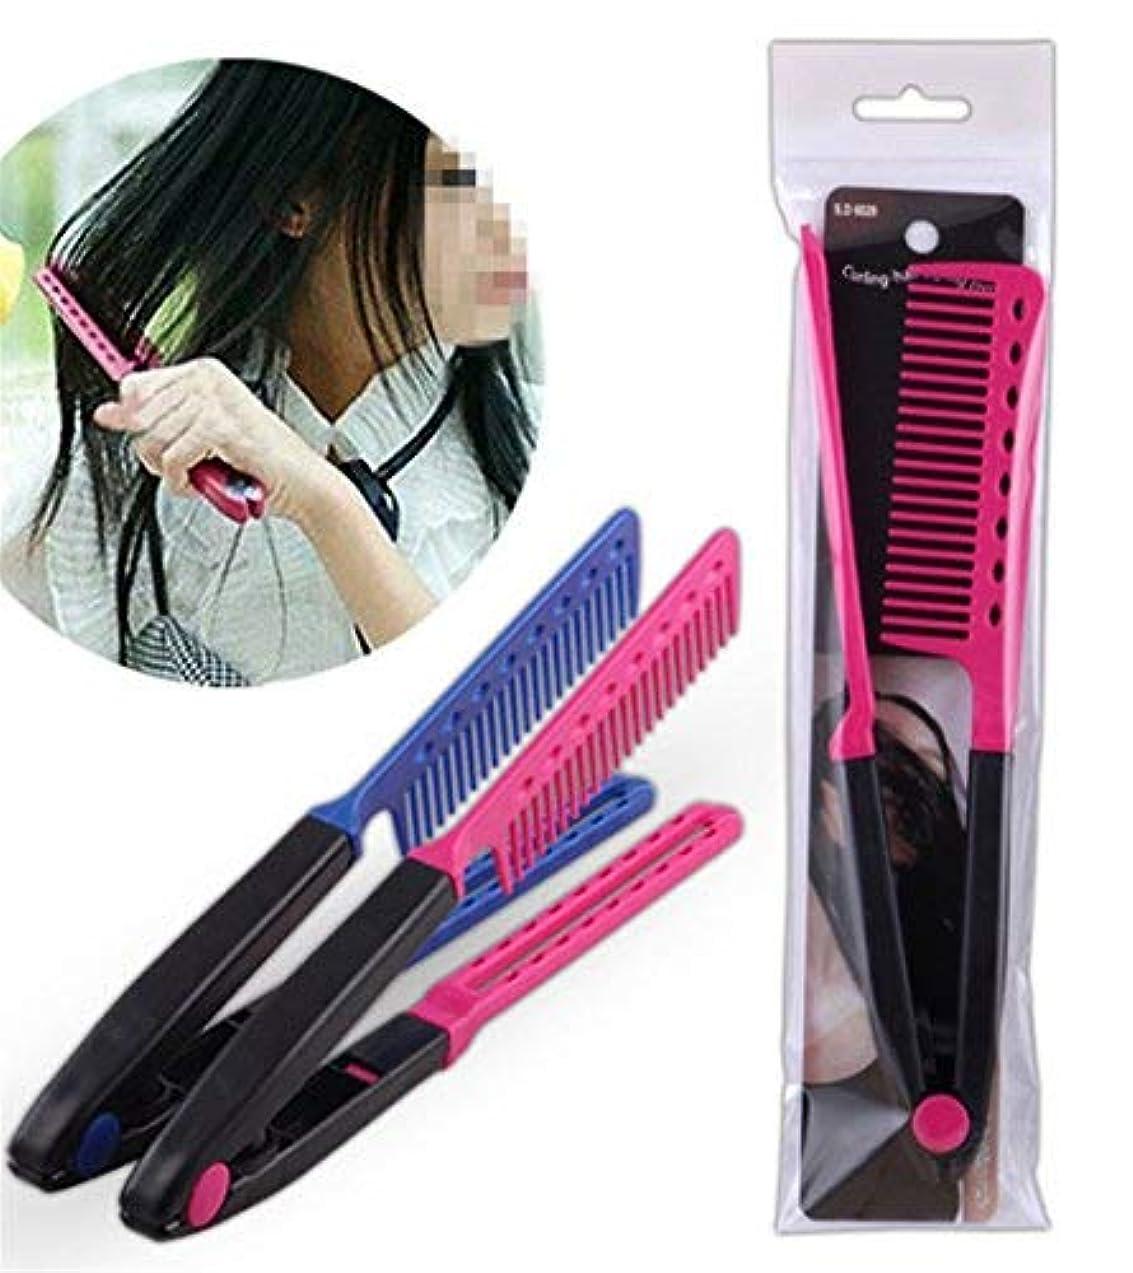 山積みのベンチ実験的1Pc DIY Salon Hair Brush Combs Hairdressing Styling Hair Straightener V Shaped Straight Comb Color Random [並行輸入品]